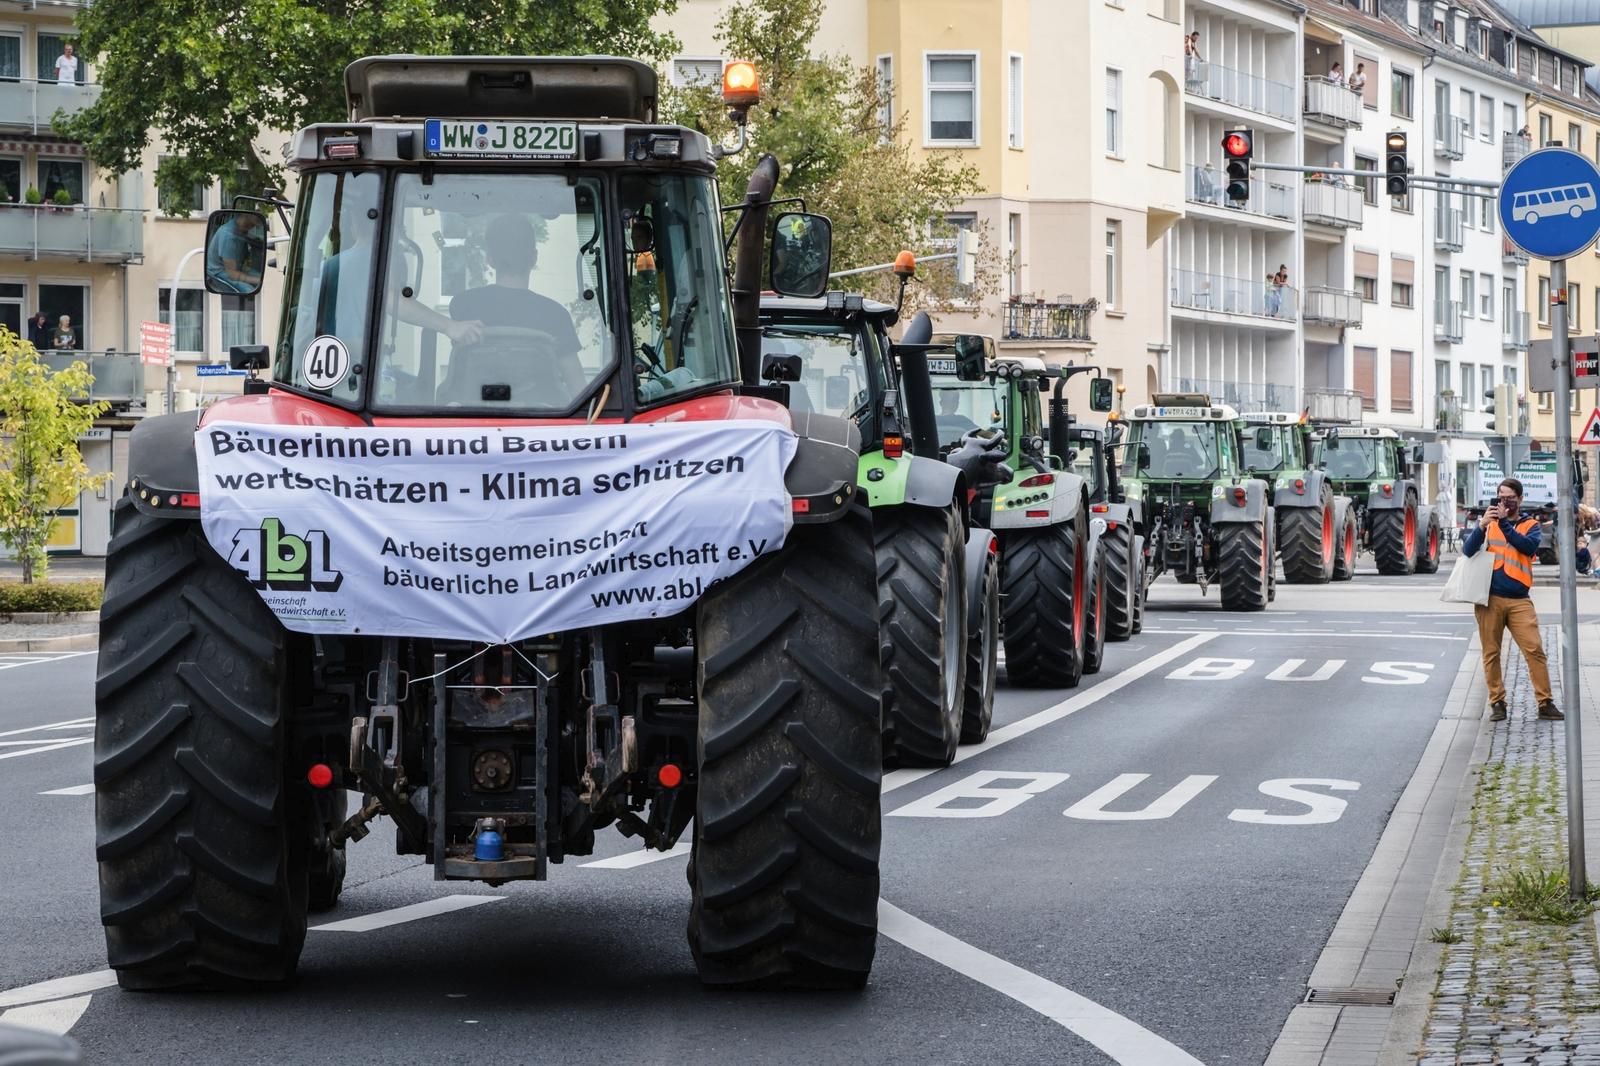 Demonstration anlässlich des EU-Agrarministertreffens in Koblenz (30.8.)  Pressefoto kann zur freien Verwendung gegen Angabe der Quelle genutzt werden:   Bernd Hartung/www.wir-haben-es-satt.de